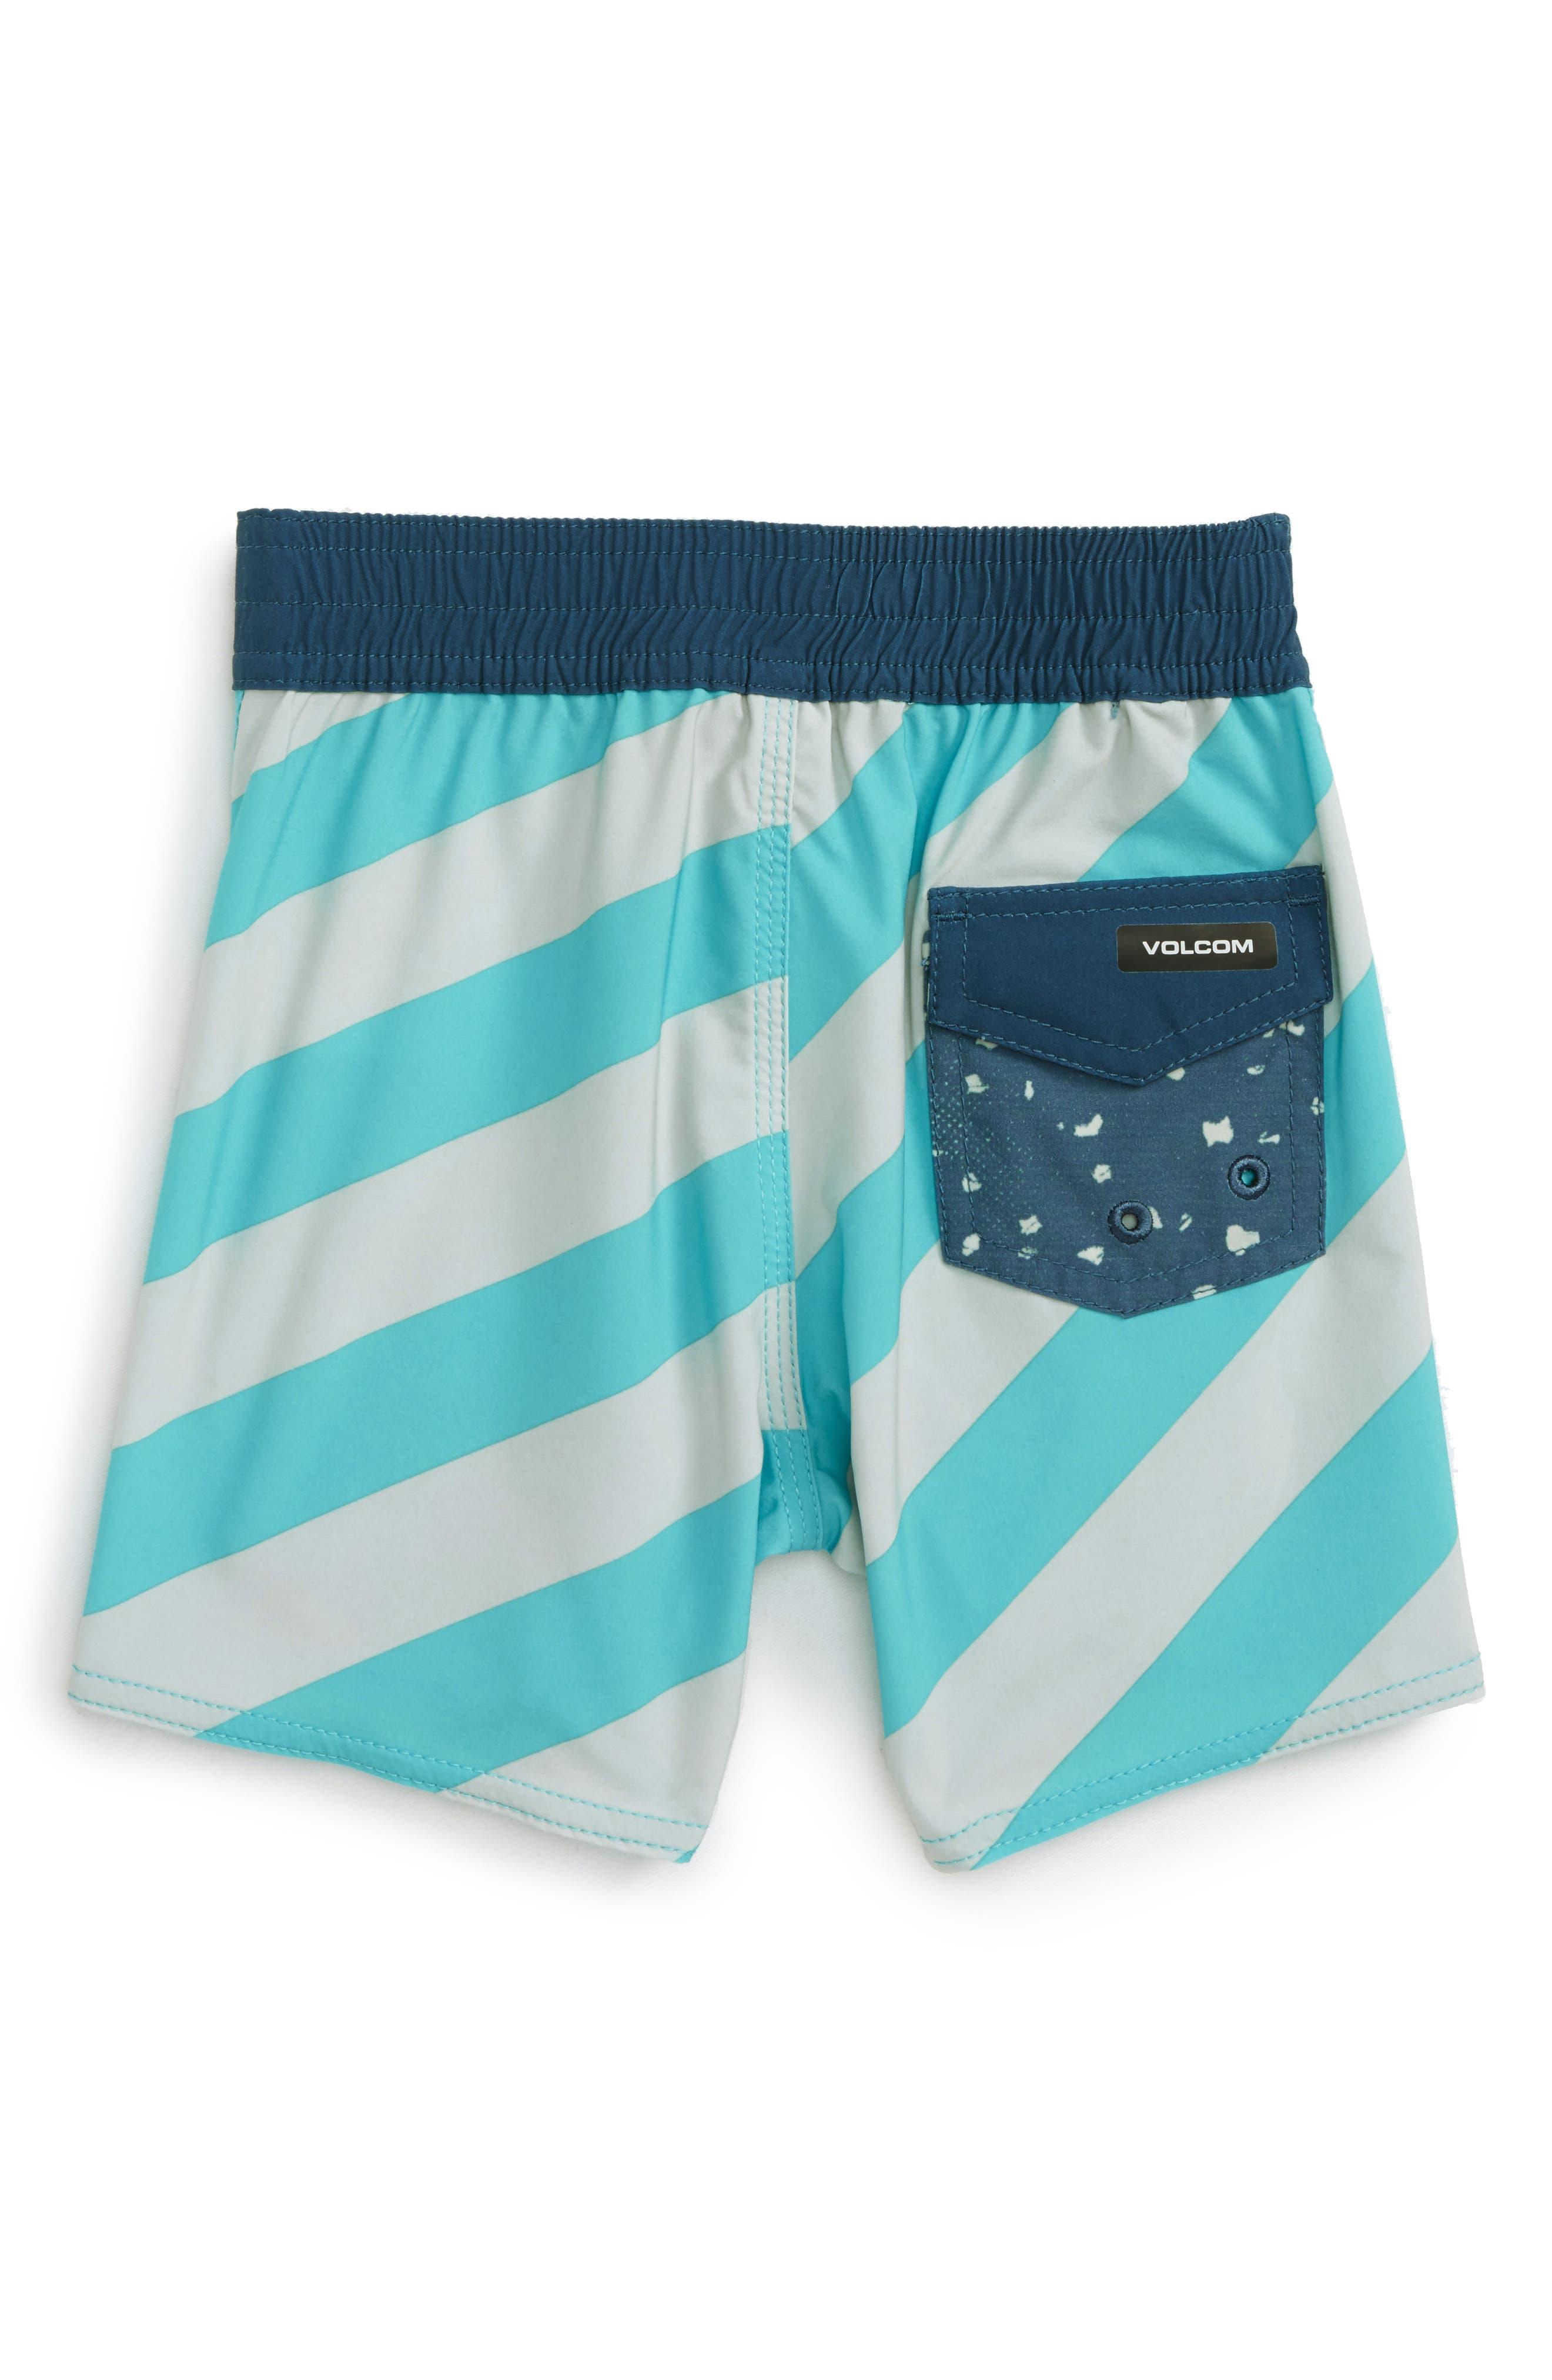 Alternate Image 2  - Volcom Stripey Jammer Board Shorts (Toddler Boys & Little Boys)